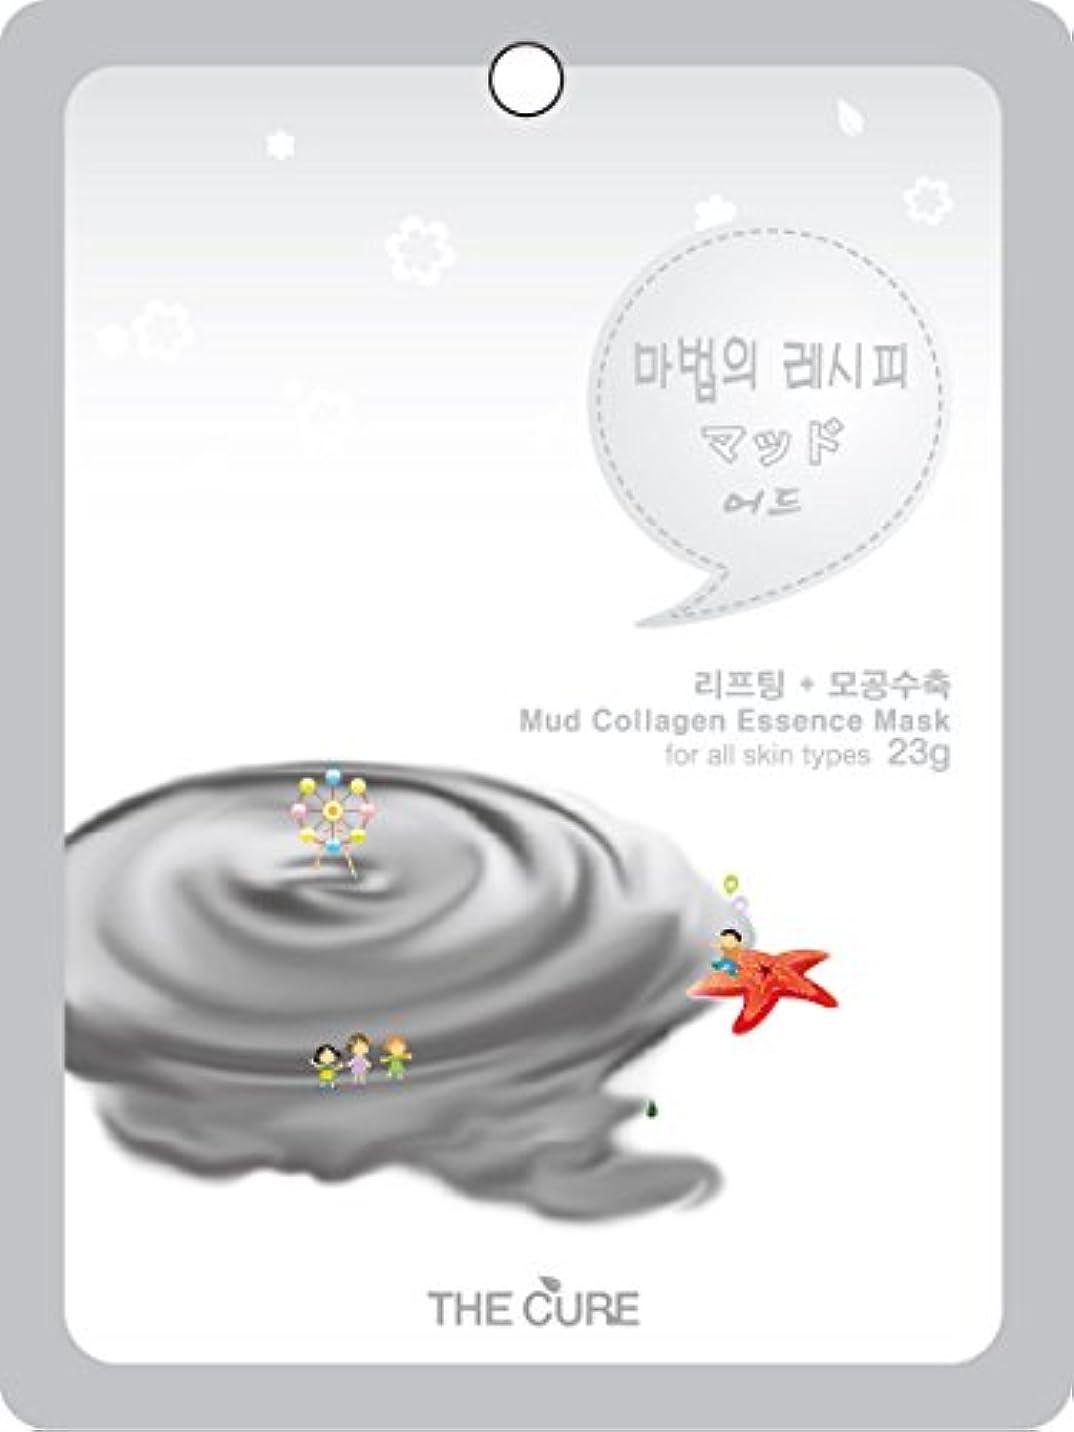 放映ウサギシャイマッド コラーゲン エッセンス マスク THE CURE シート パック 100枚セット 韓国 コスメ 乾燥肌 オイリー肌 混合肌